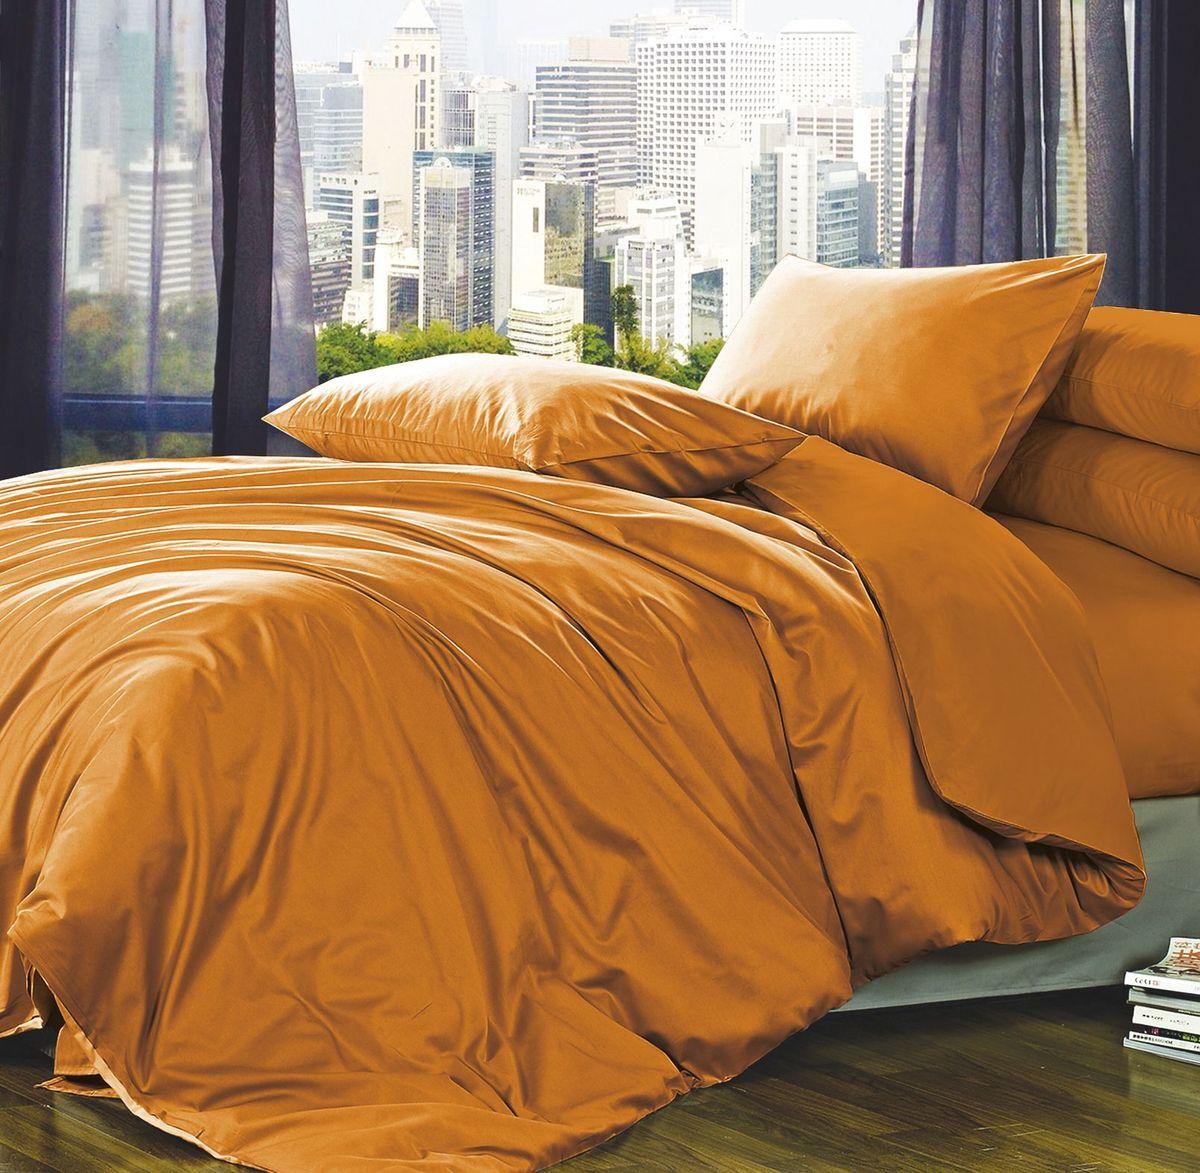 Комплект белья Коллекция Оранжевый, 2-спальный, наволочки 70x70. ПС2/70/ОЗ/орПС2/70/ОЗ/ор